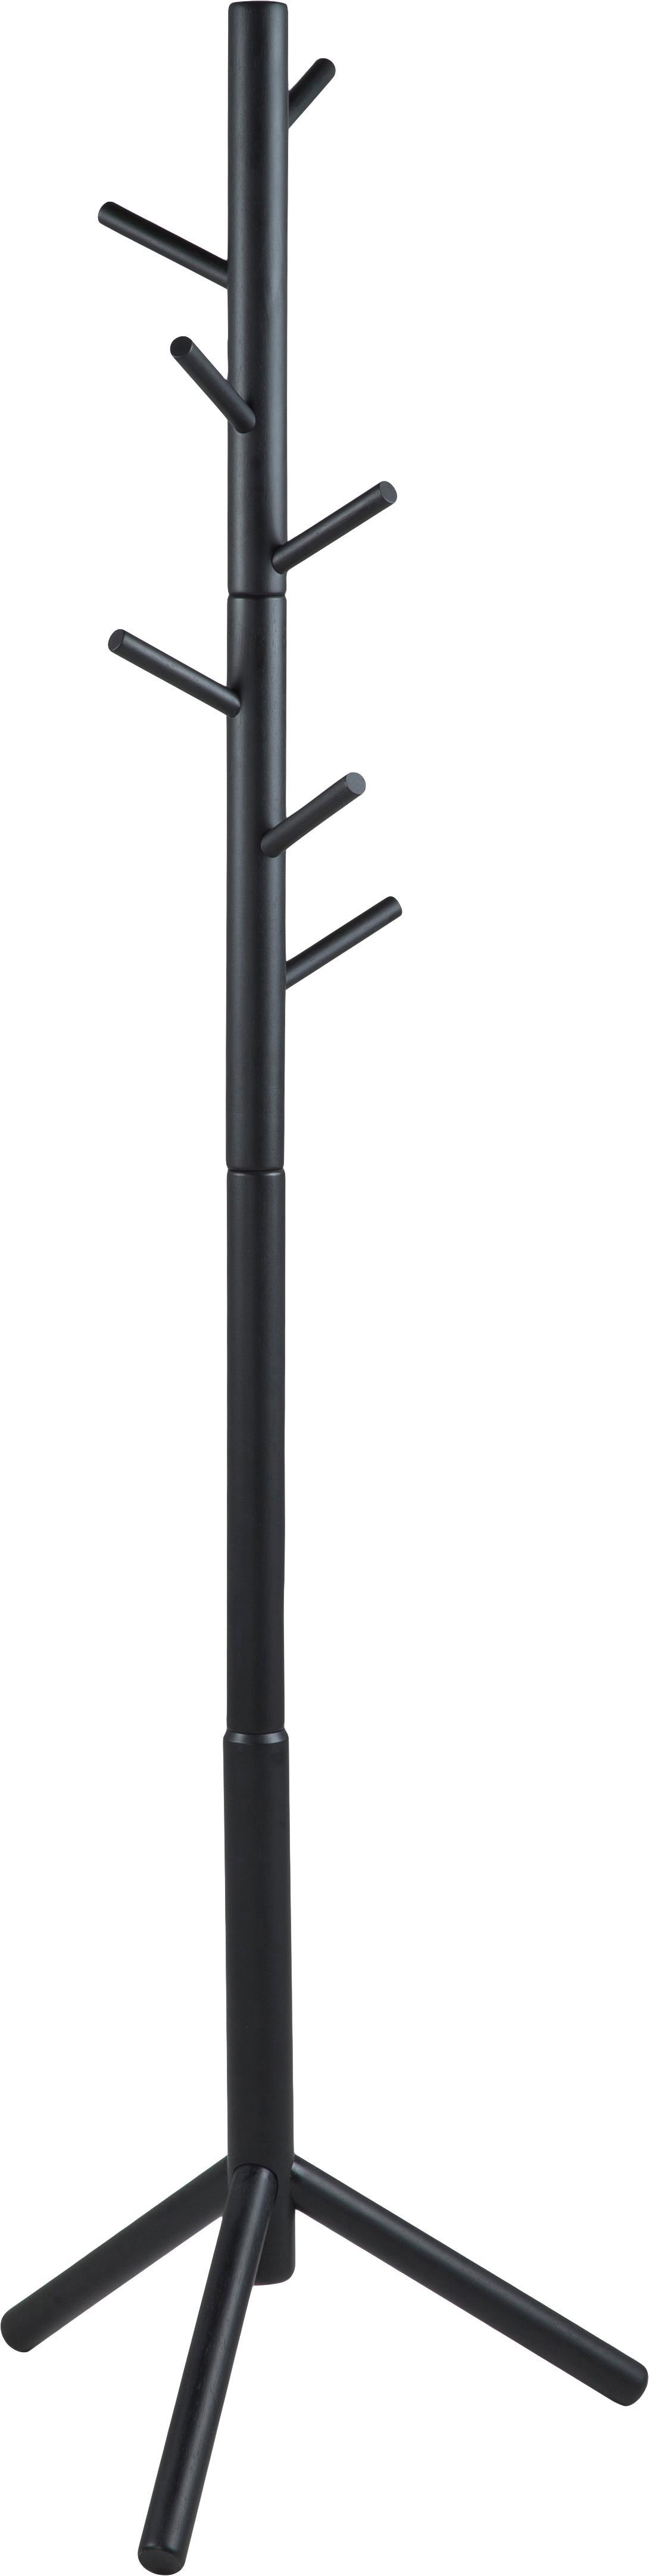 Wieszak stojący Bremen, Drewno kauczukowe, lakierowany, Czarny, S 51 x W 176 cm